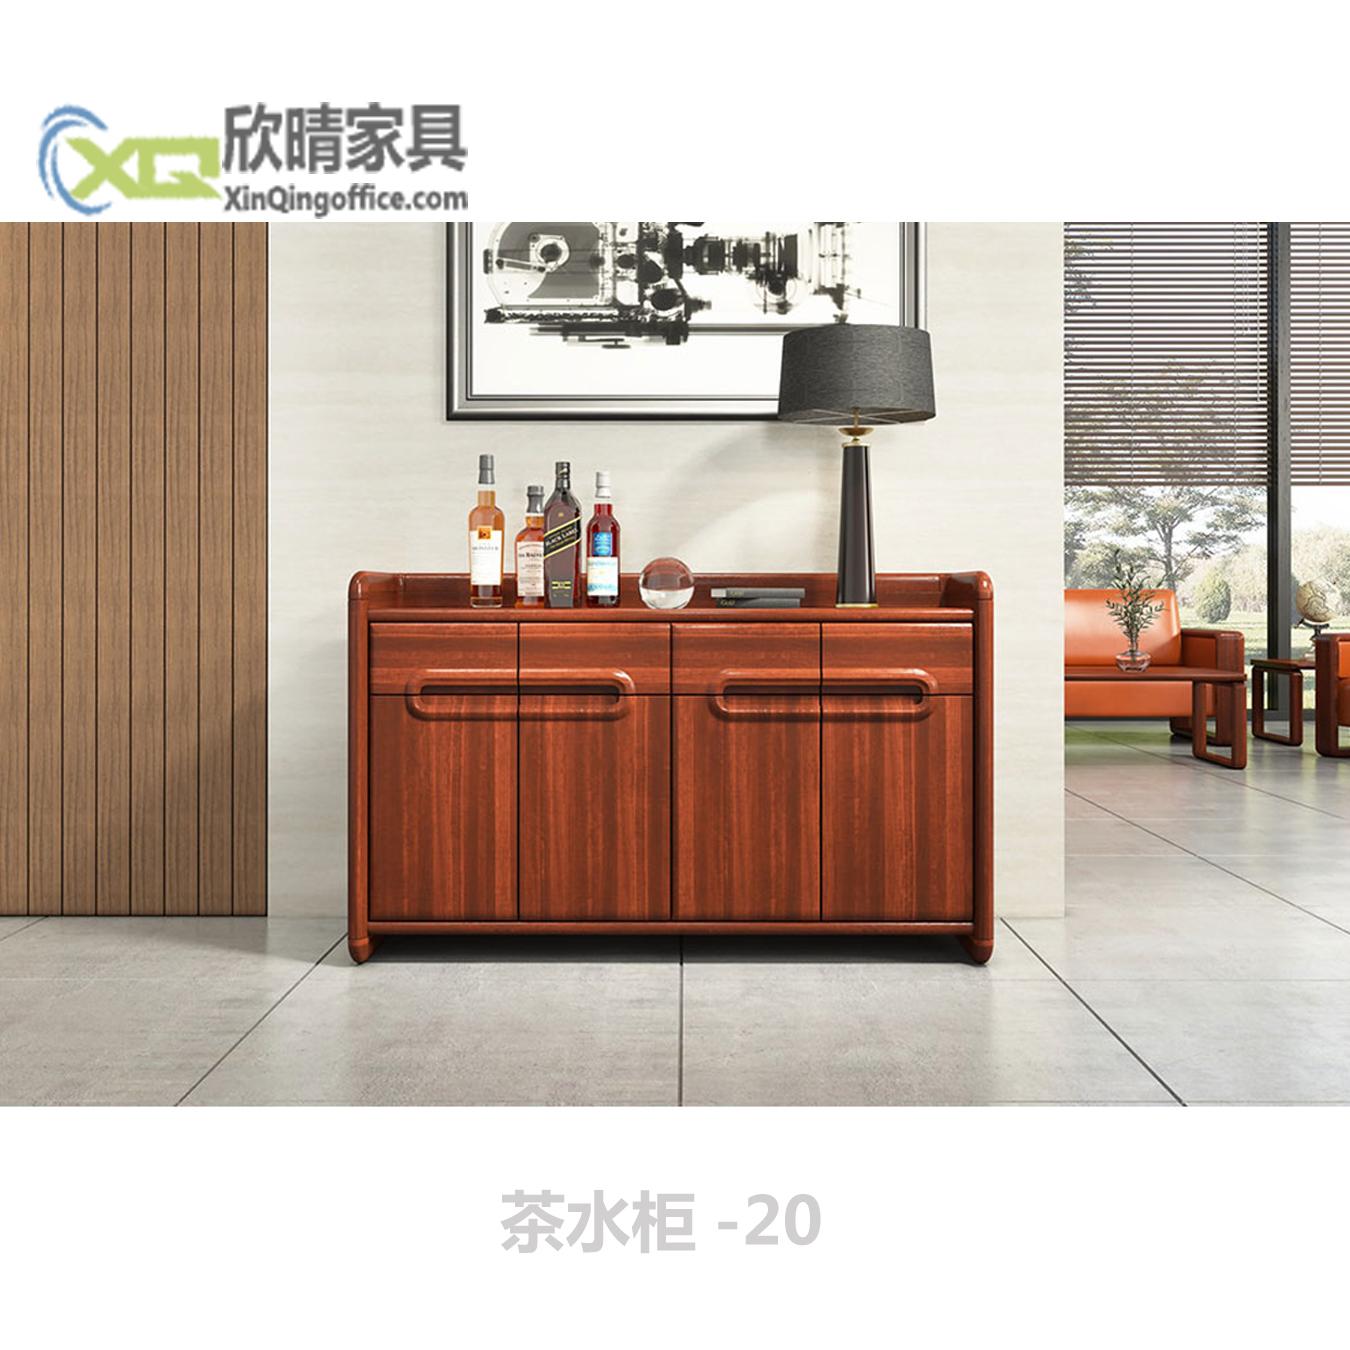 茶水柜-20